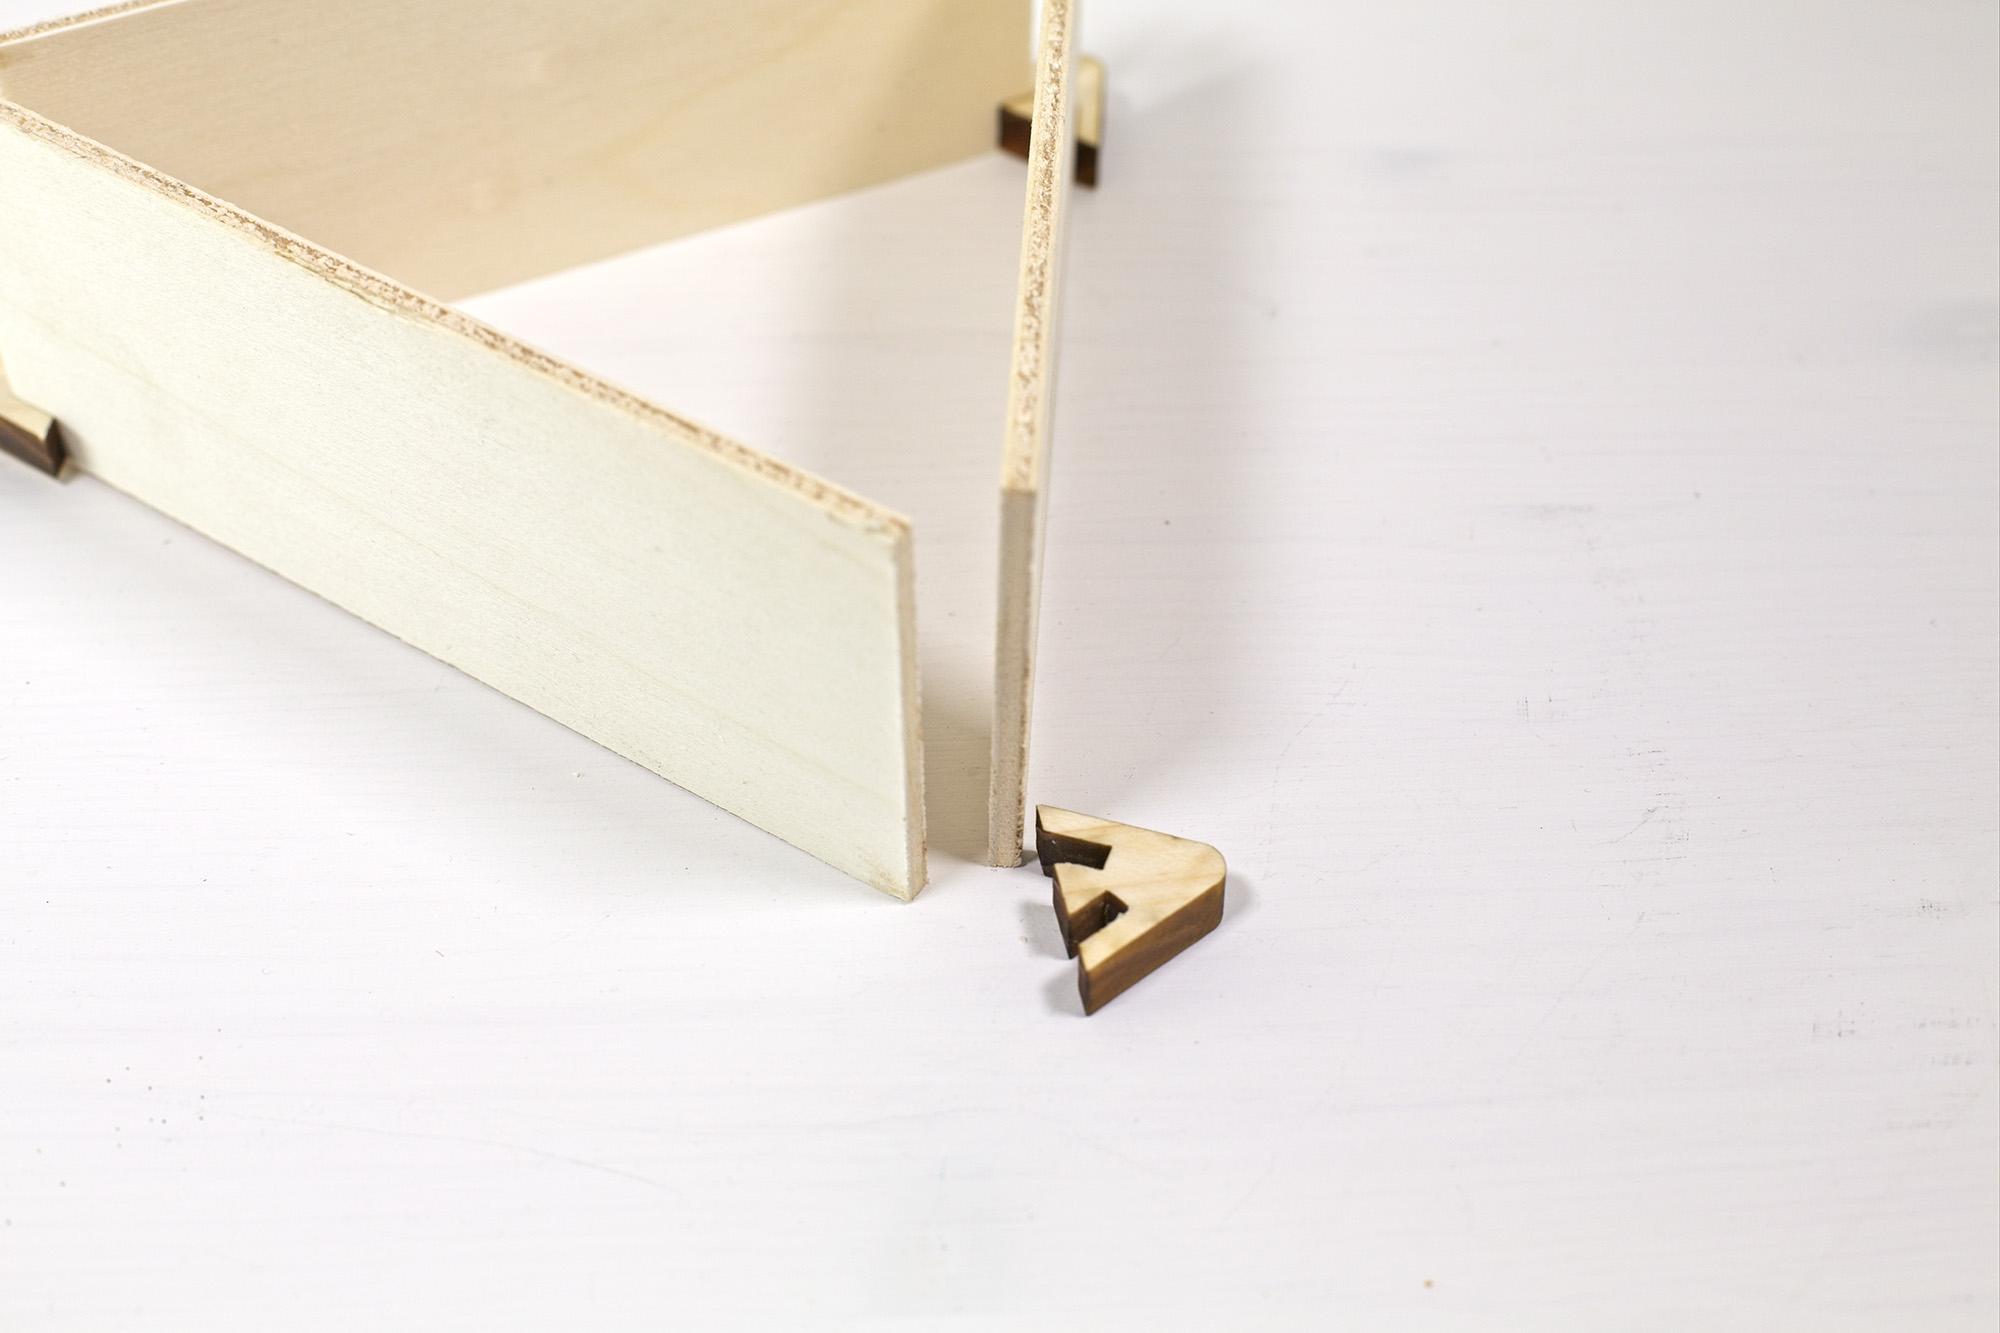 Racina - Table Tent Triangular Wooden Desk